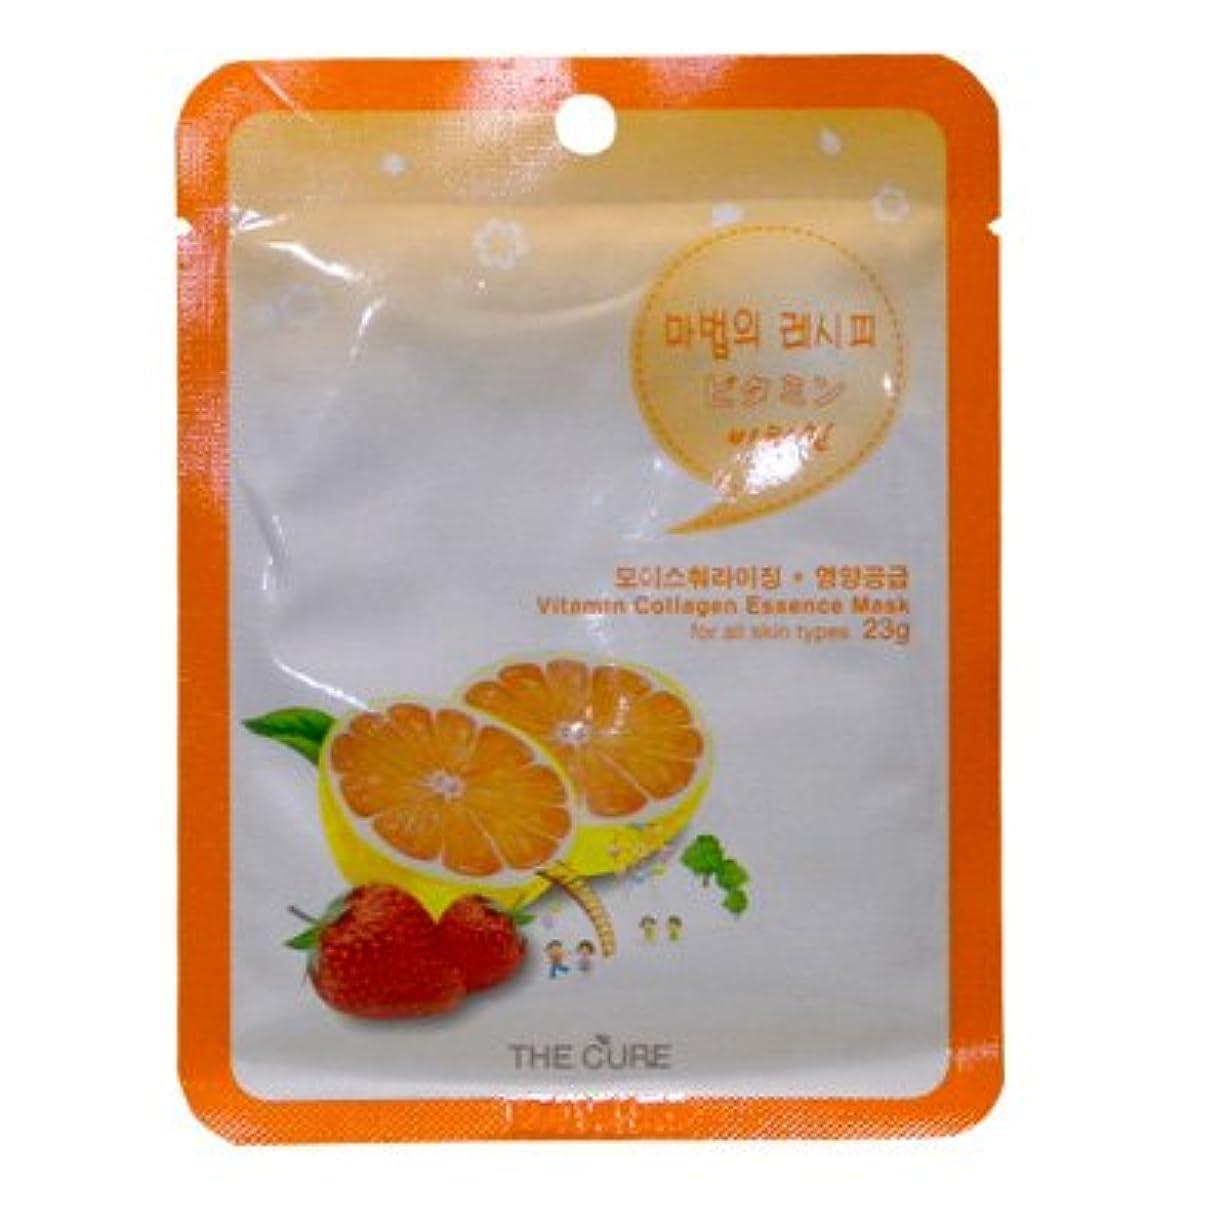 キャラバン苦い大陸CURE マスク シートパック ビタミン